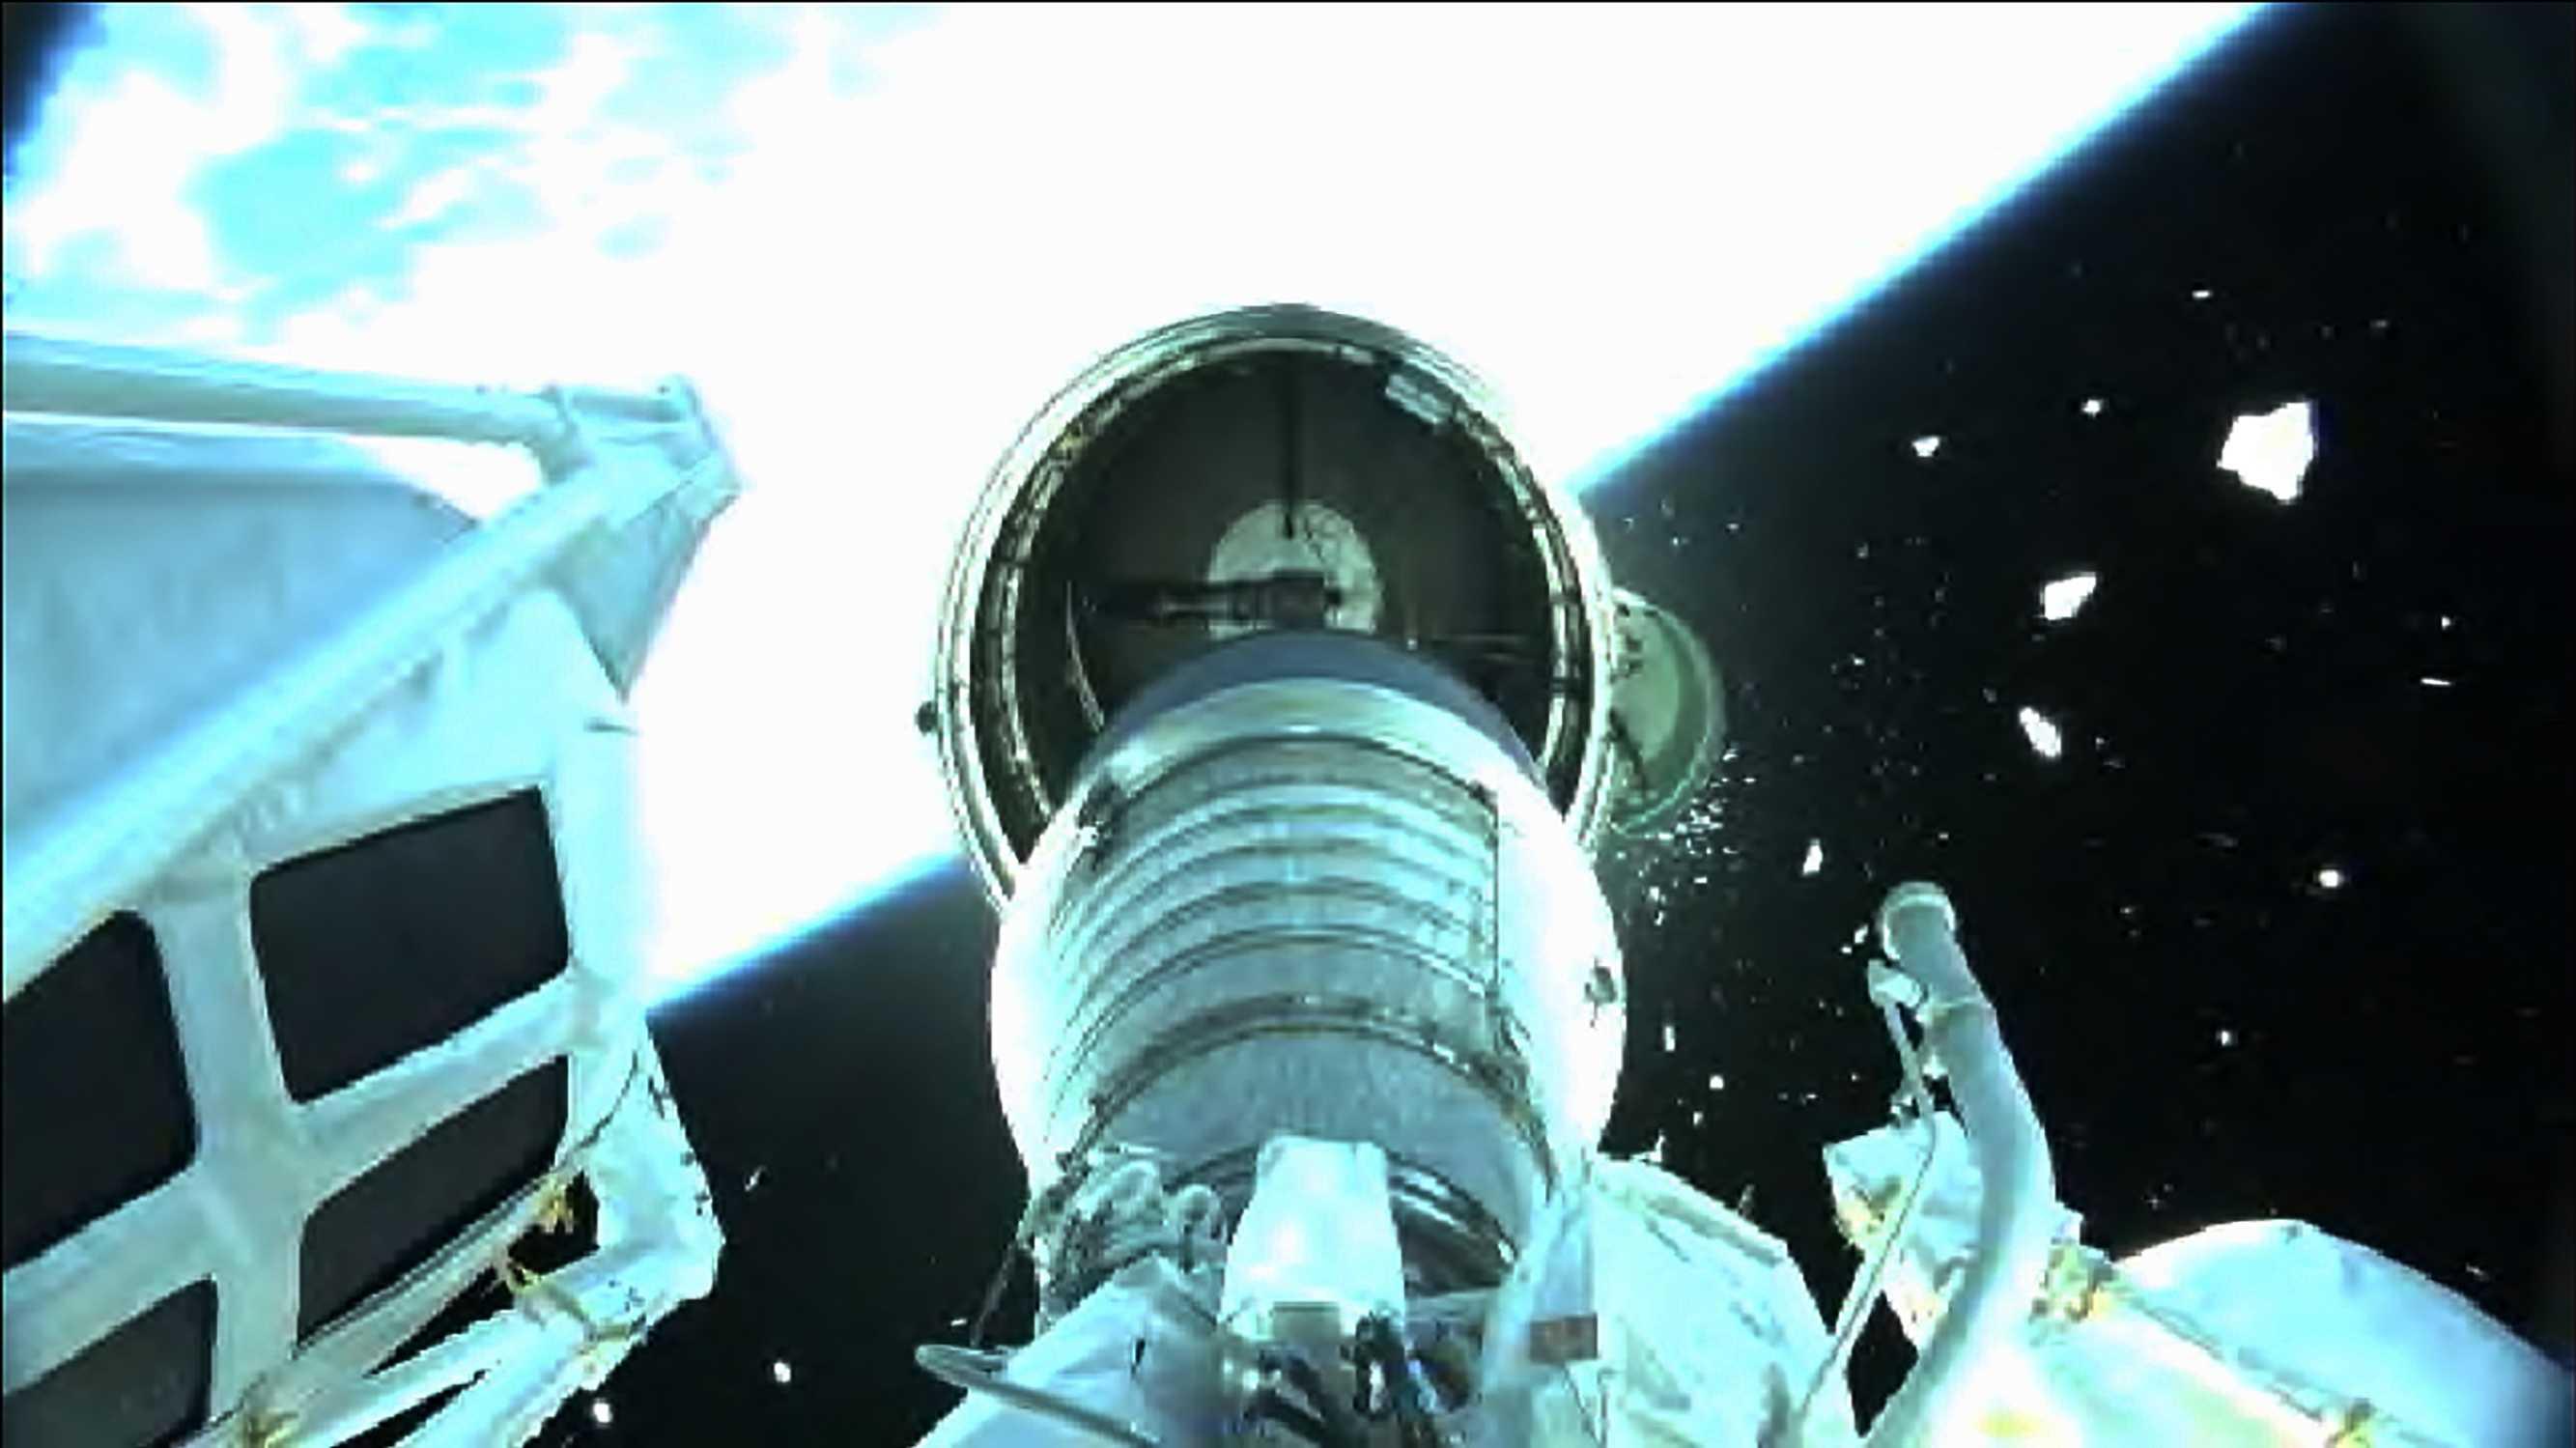 Asteroid Bennu: NASA-Sonde OSIRIS-REx nach zwei Jahren am Ziel